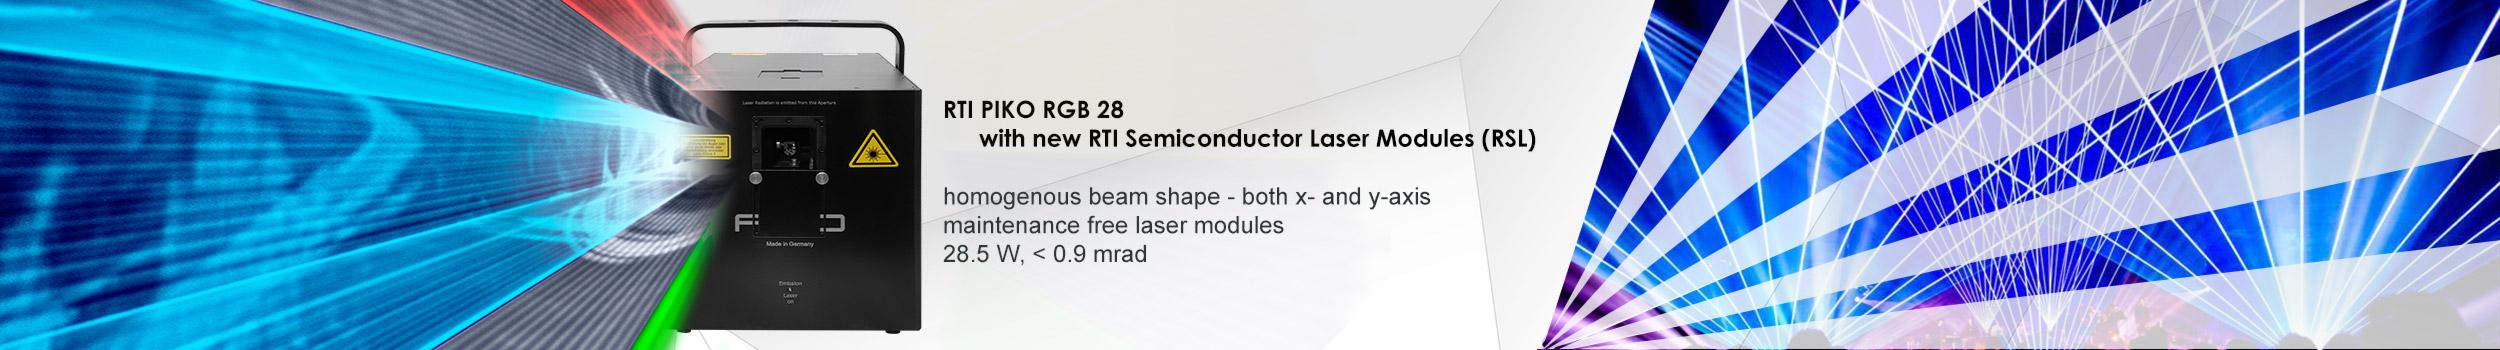 2019_laserworld_header_piko28_en.jpg